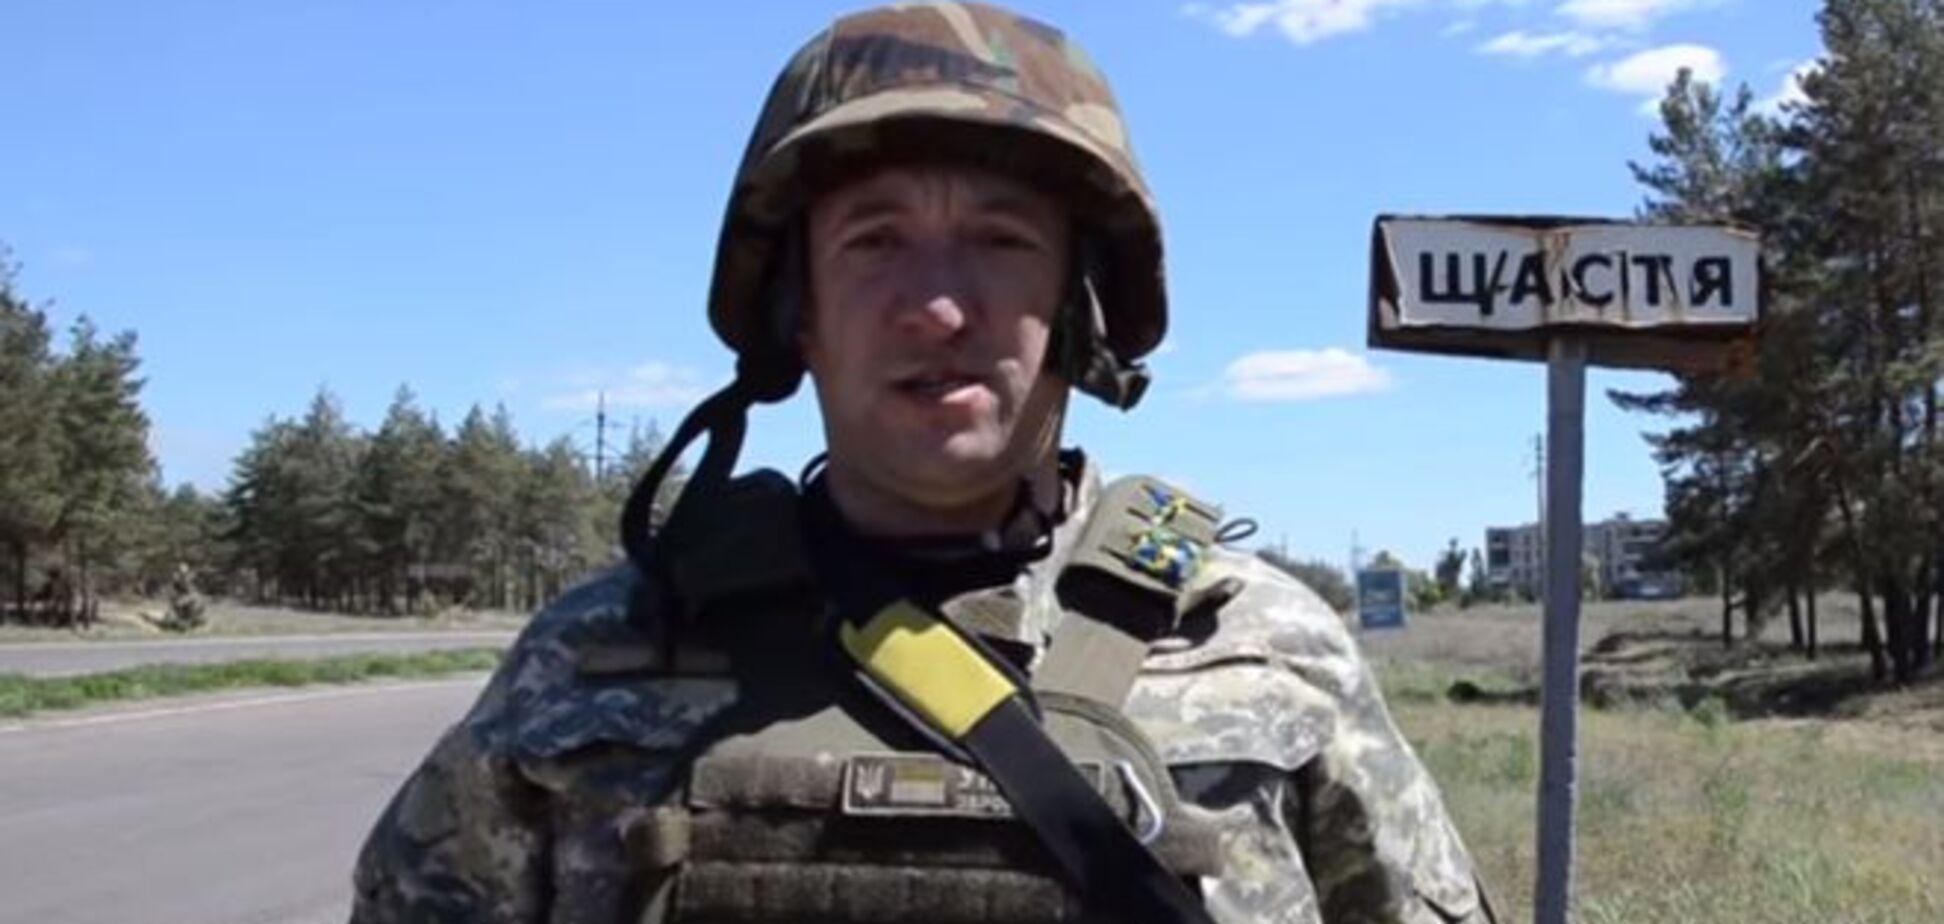 Захват российского спецназа на Донбассе: подробности спецоперации